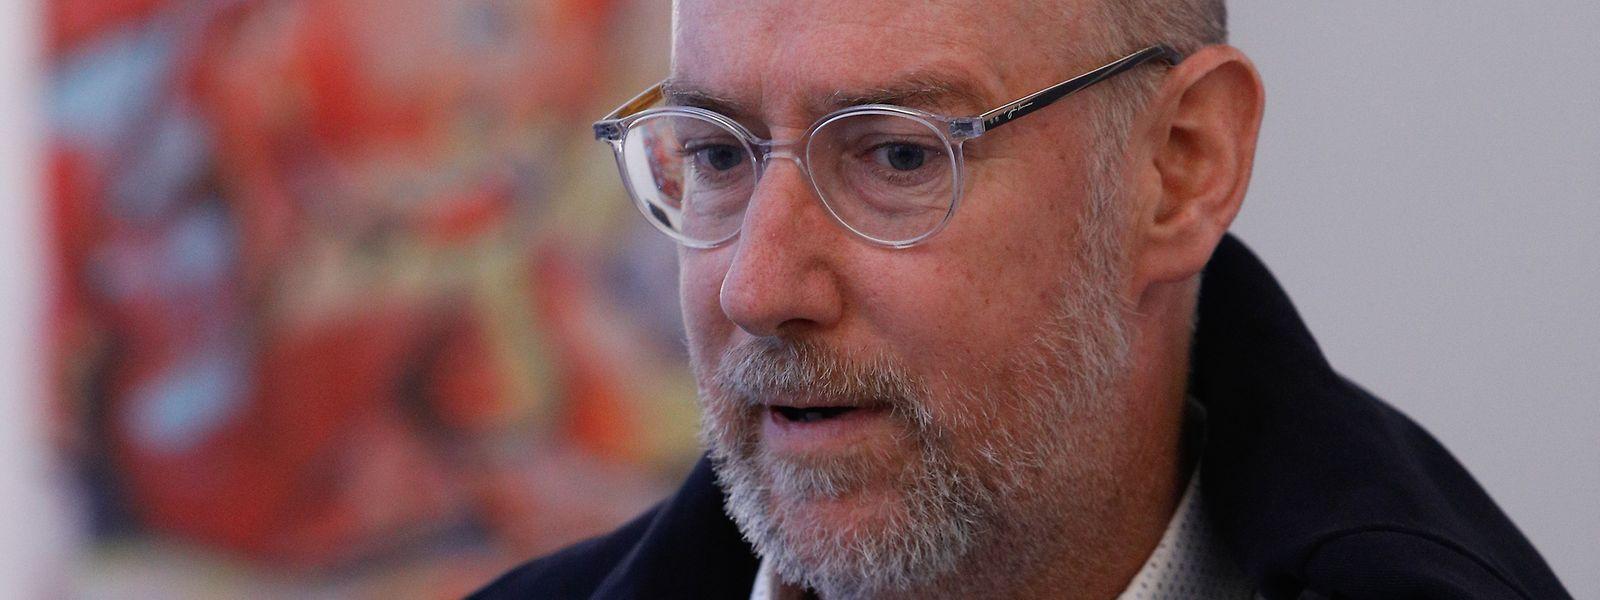 """Pour le député Gilles Baum, il faut notamment former aux """"premiers secours psychologiques""""."""